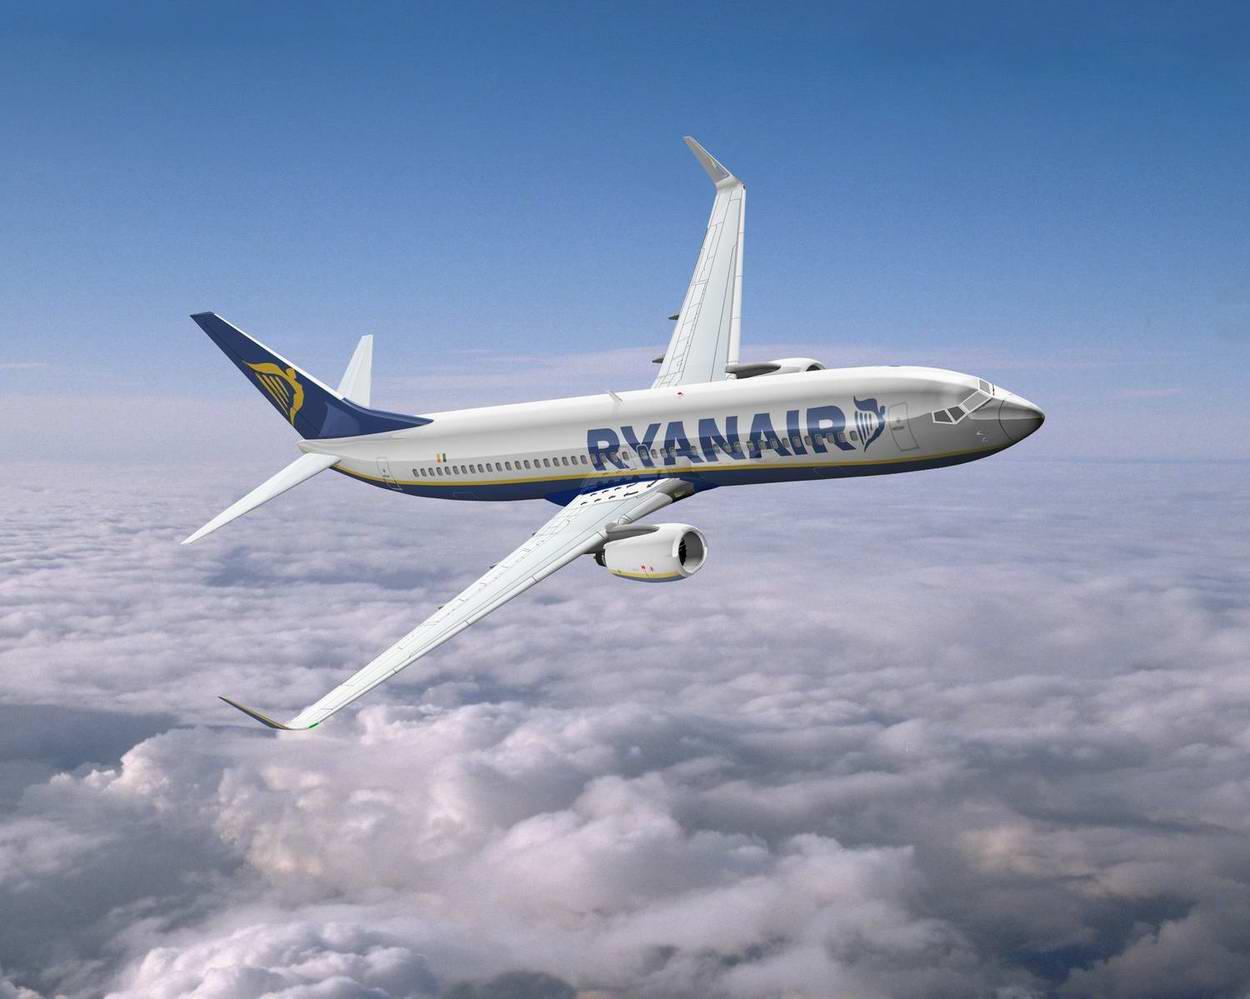 Voli Roma-New York a 15 euro con Ryanair